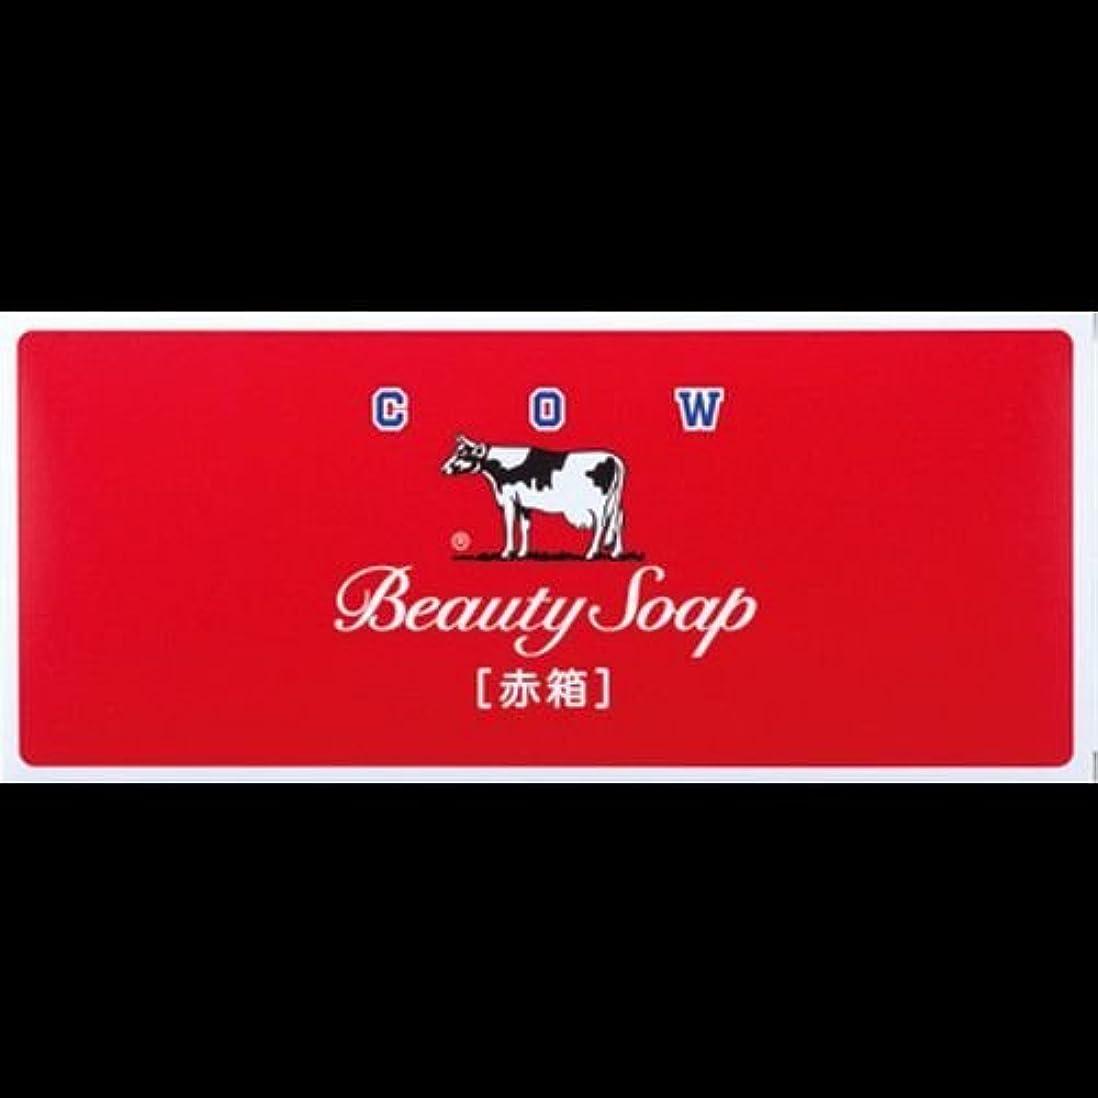 キャンドル文化提供された【まとめ買い】カウブランド石鹸 赤箱100g*6個 ×2セット